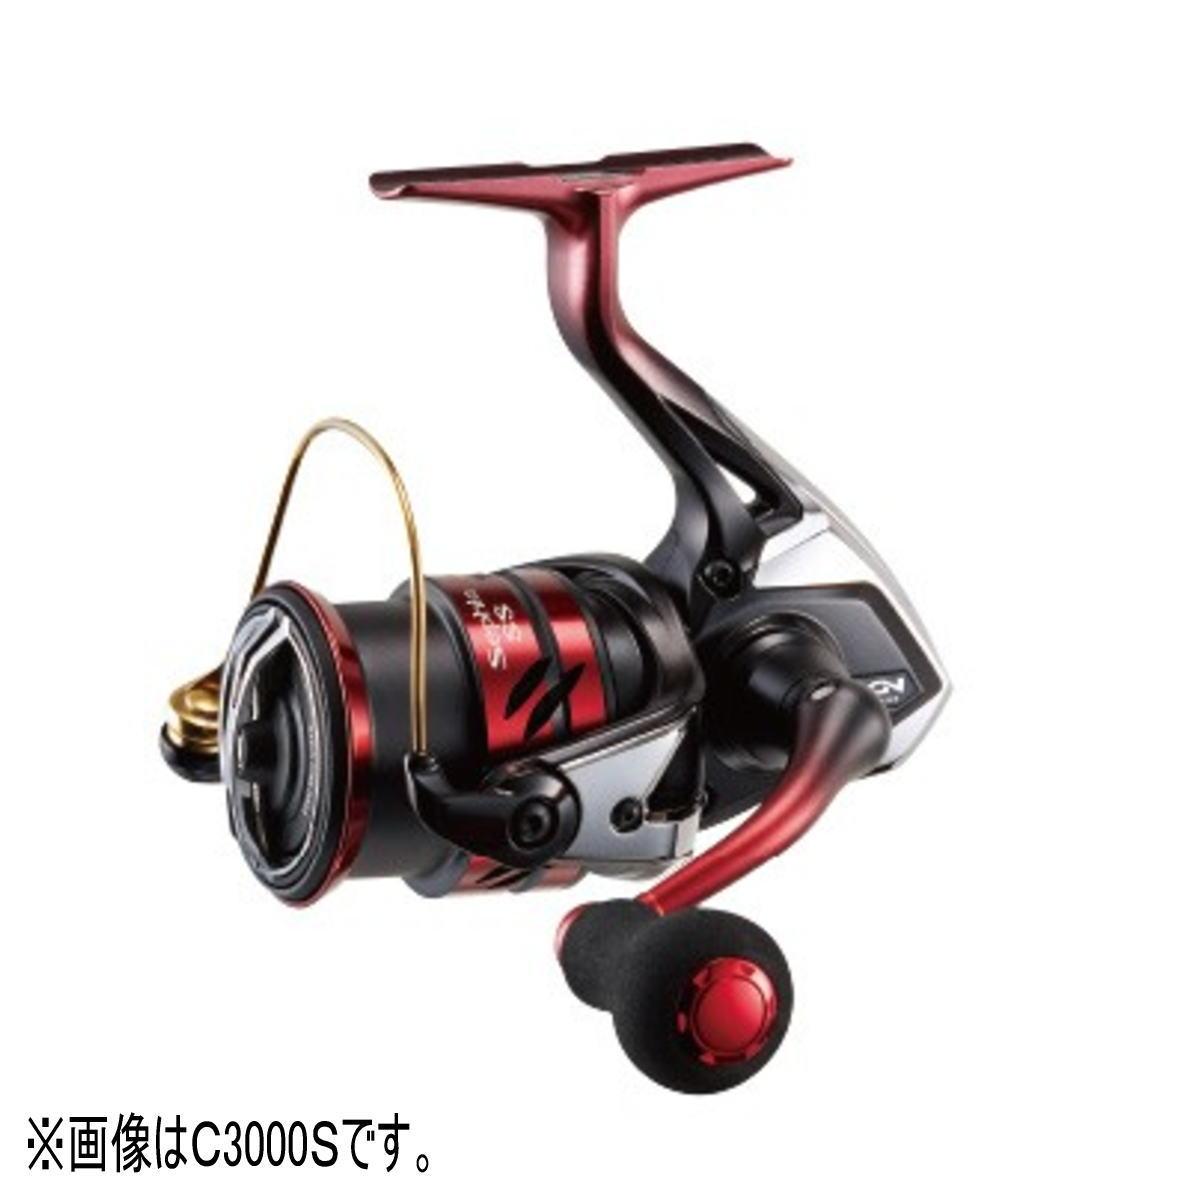 【送料無料4】シマノ リール '19 セフィアSS C3000SHG